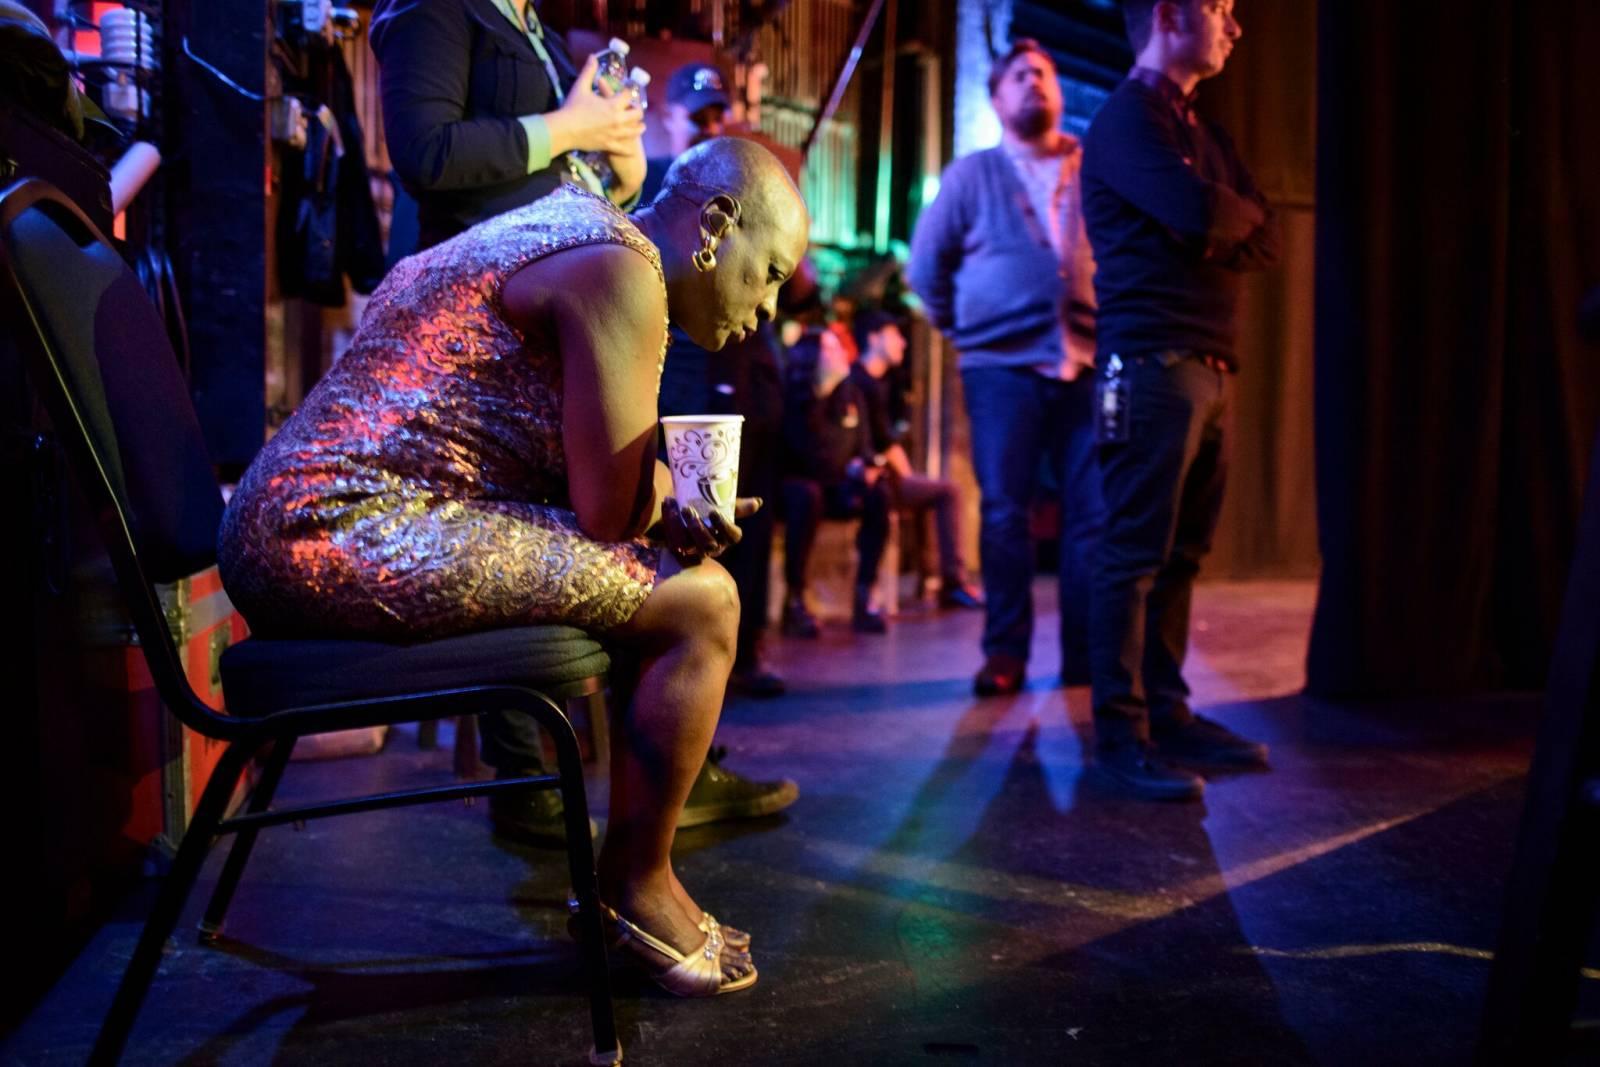 Sharon Jones - James Brown v ženském těle